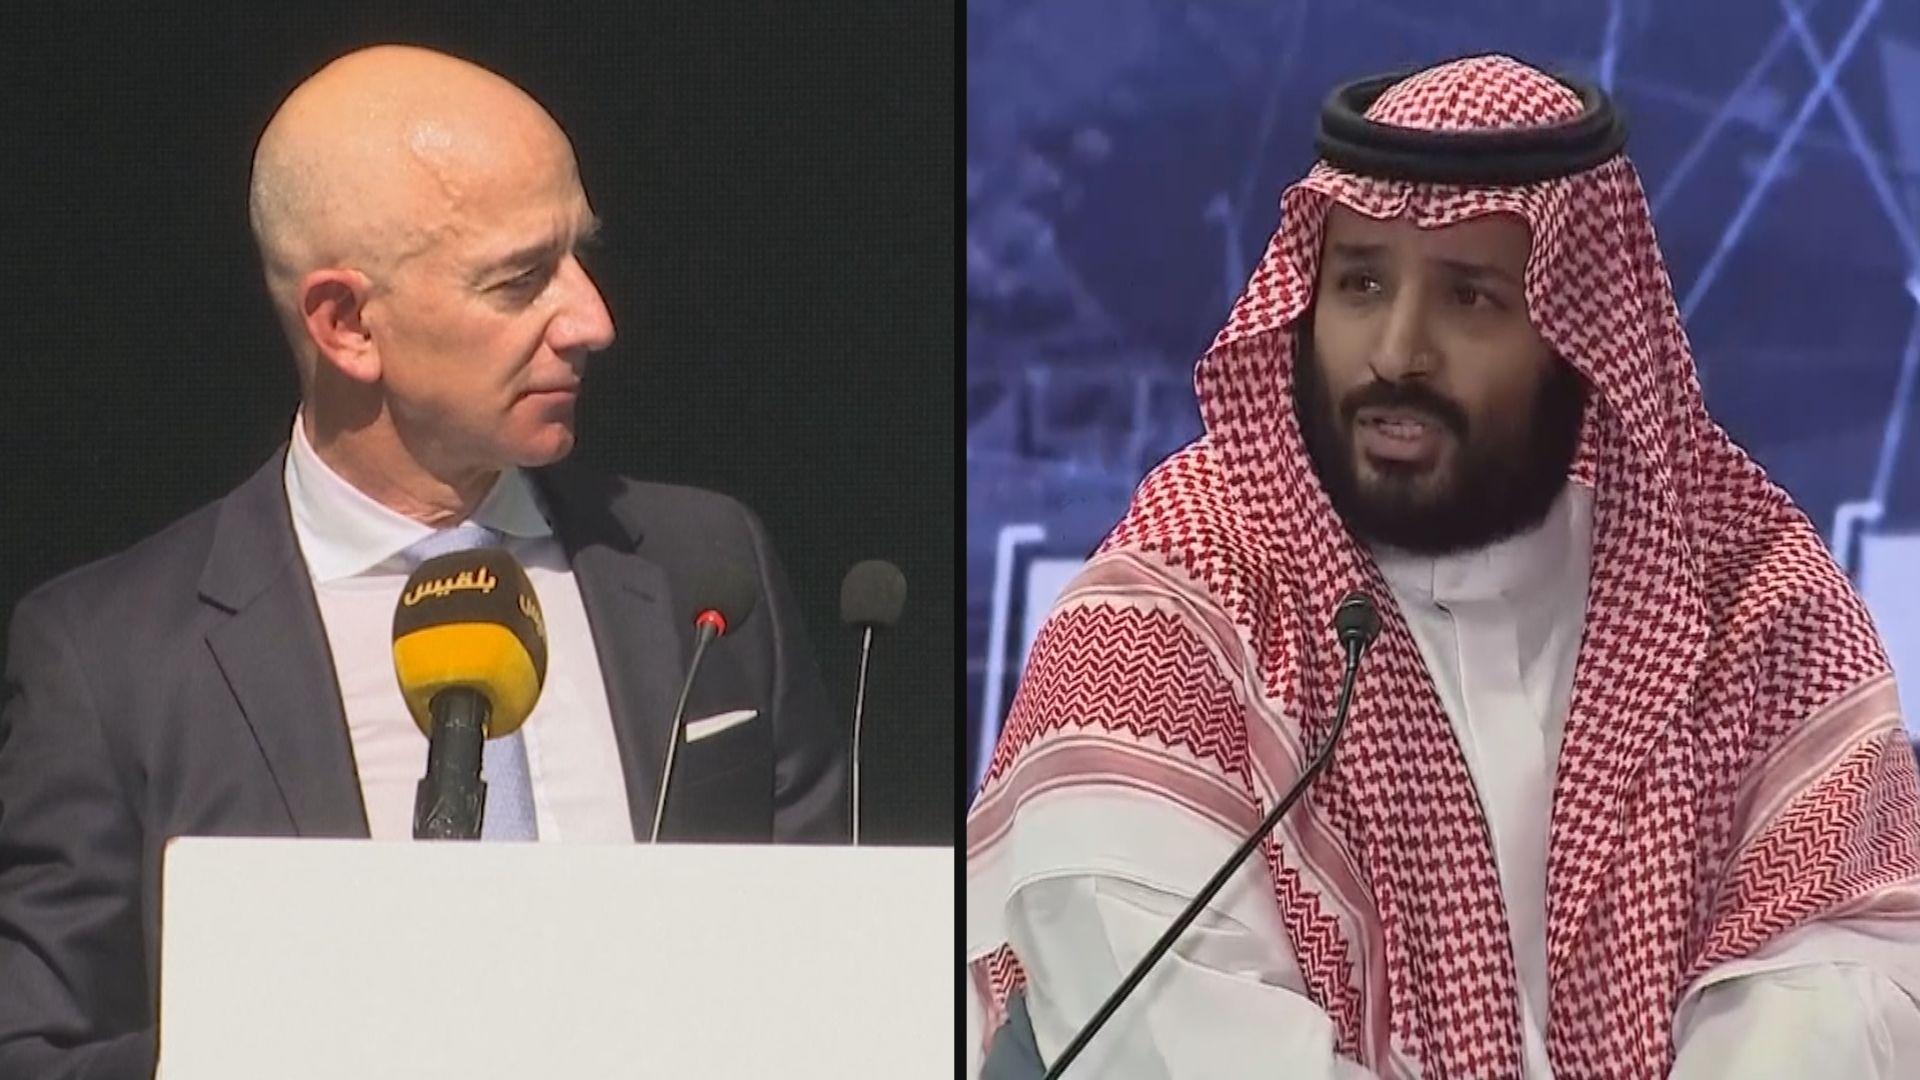 聯合國:有證據顯示沙特王儲涉貝索斯手機遭入侵一事